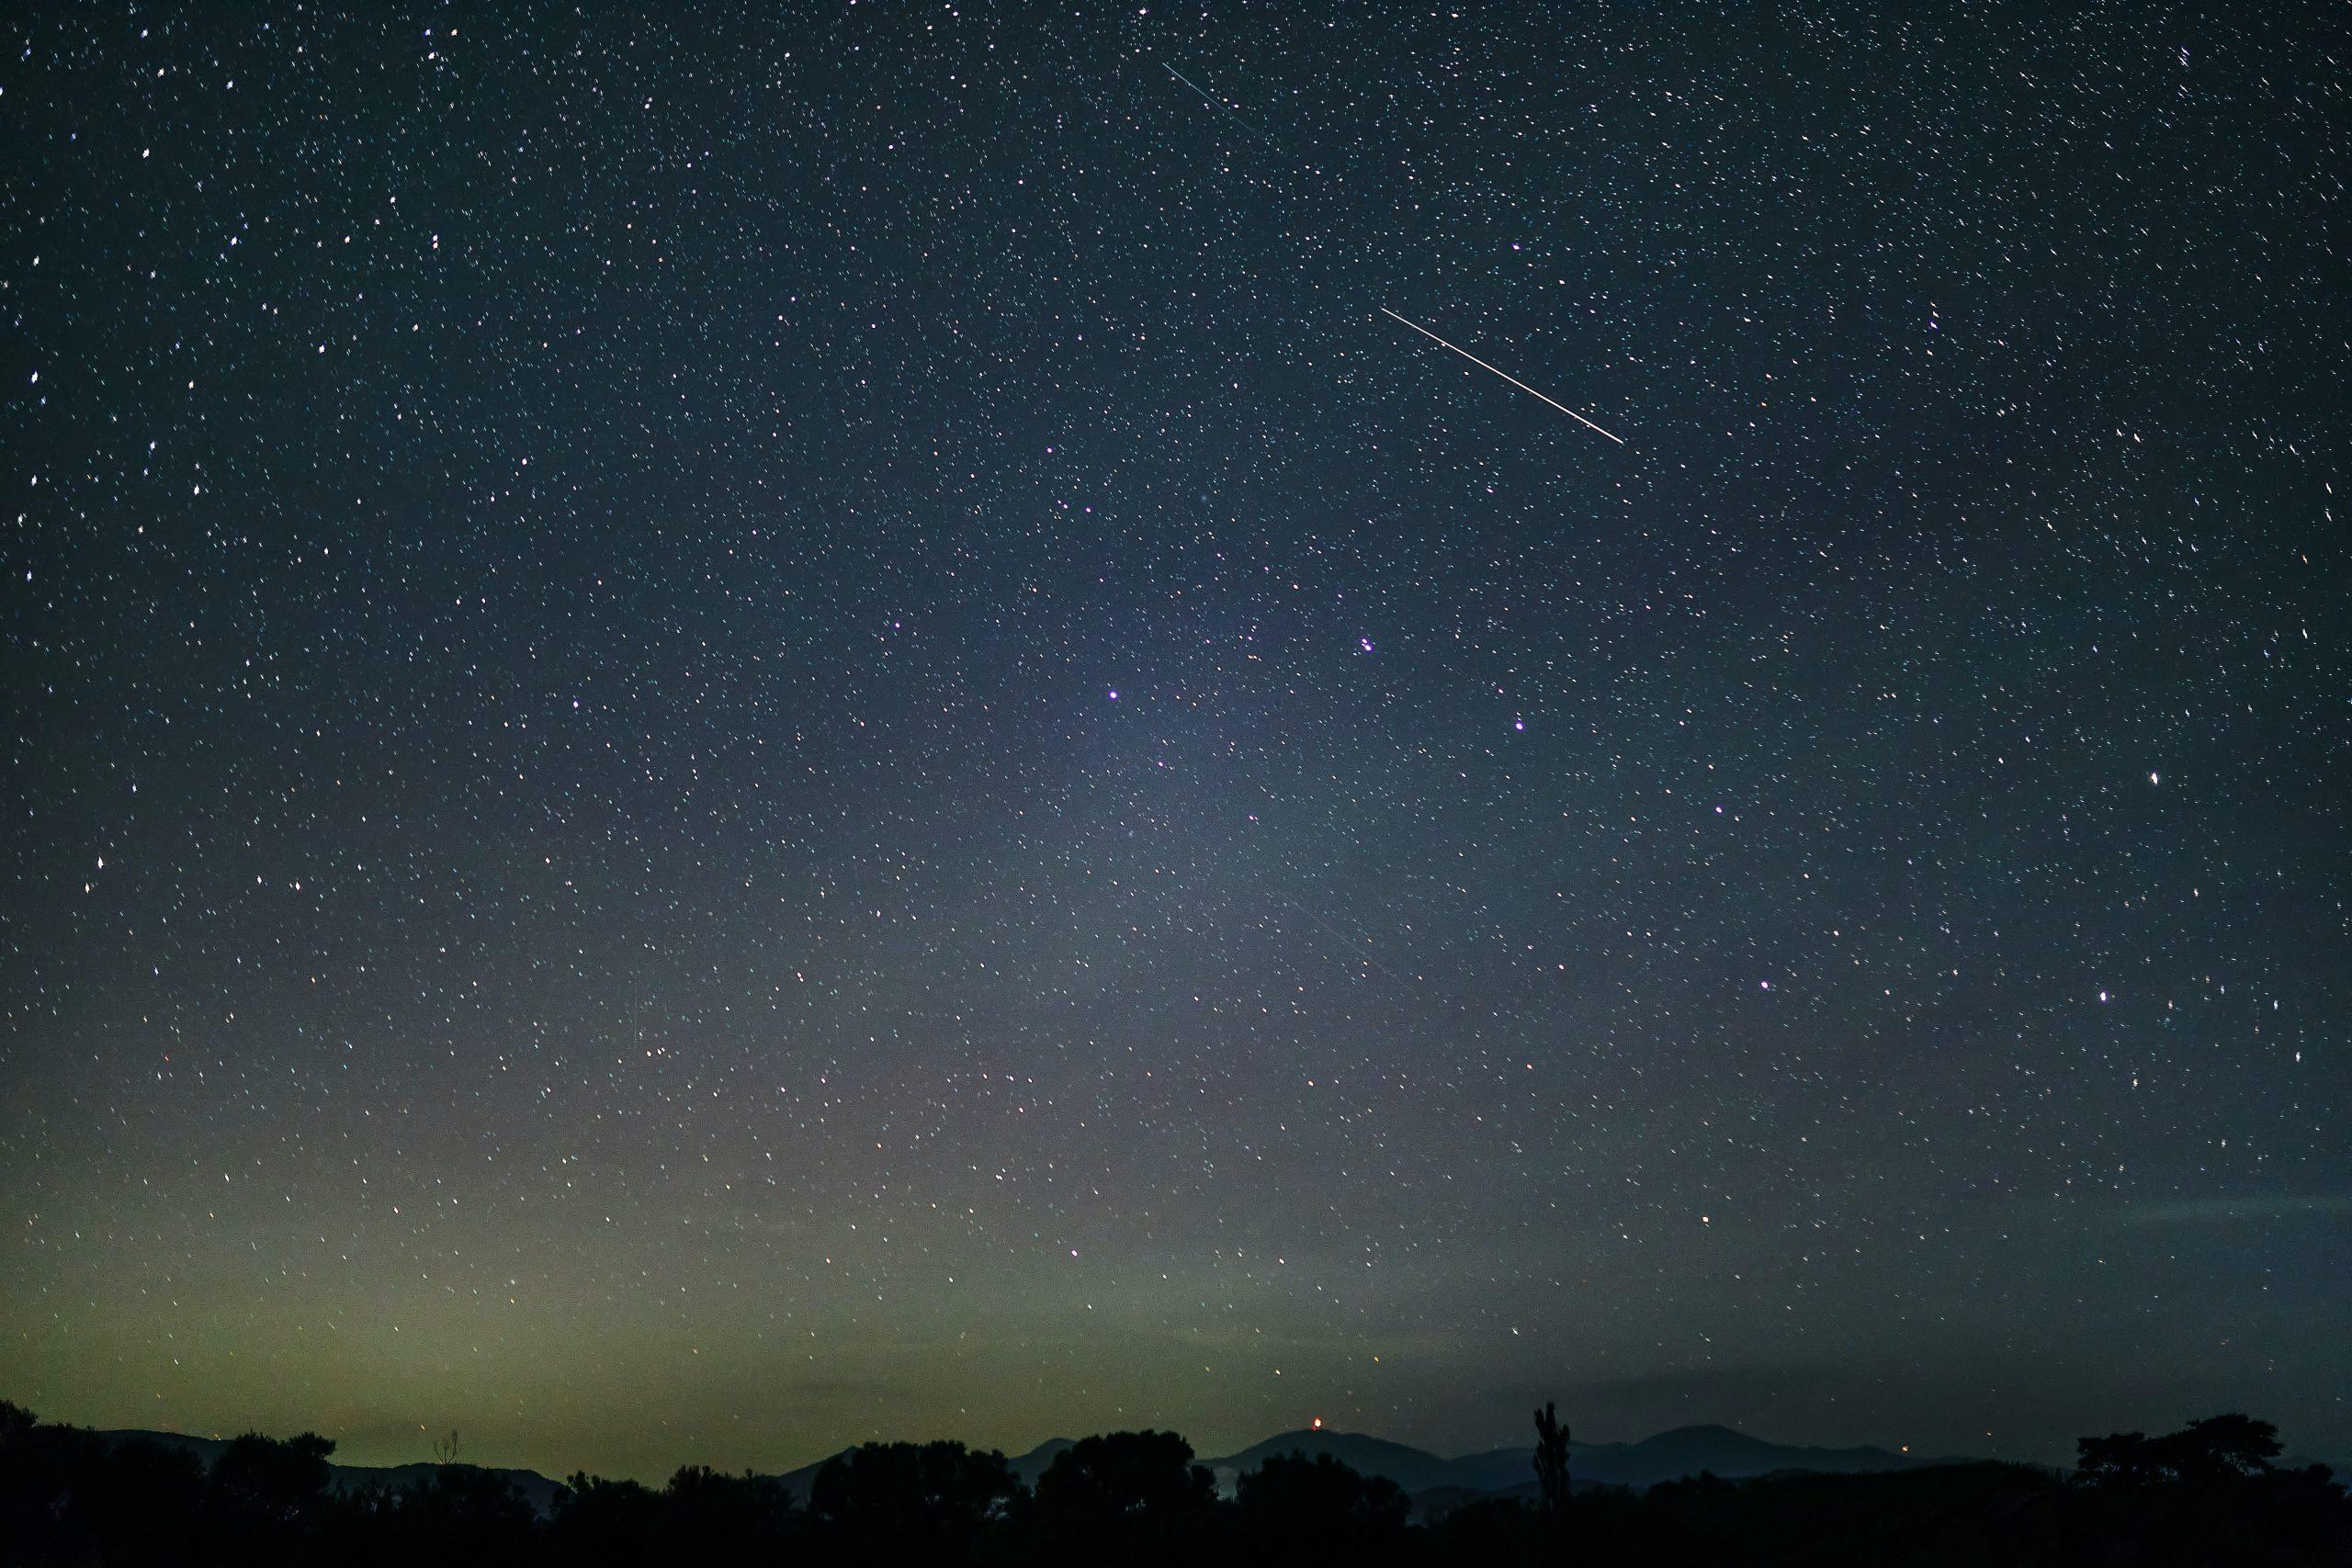 Ploaie de stele peste Capitală. Când și de unde trebuie să privească bucureștenii cerul pentru a vedea spectacolul astronomic